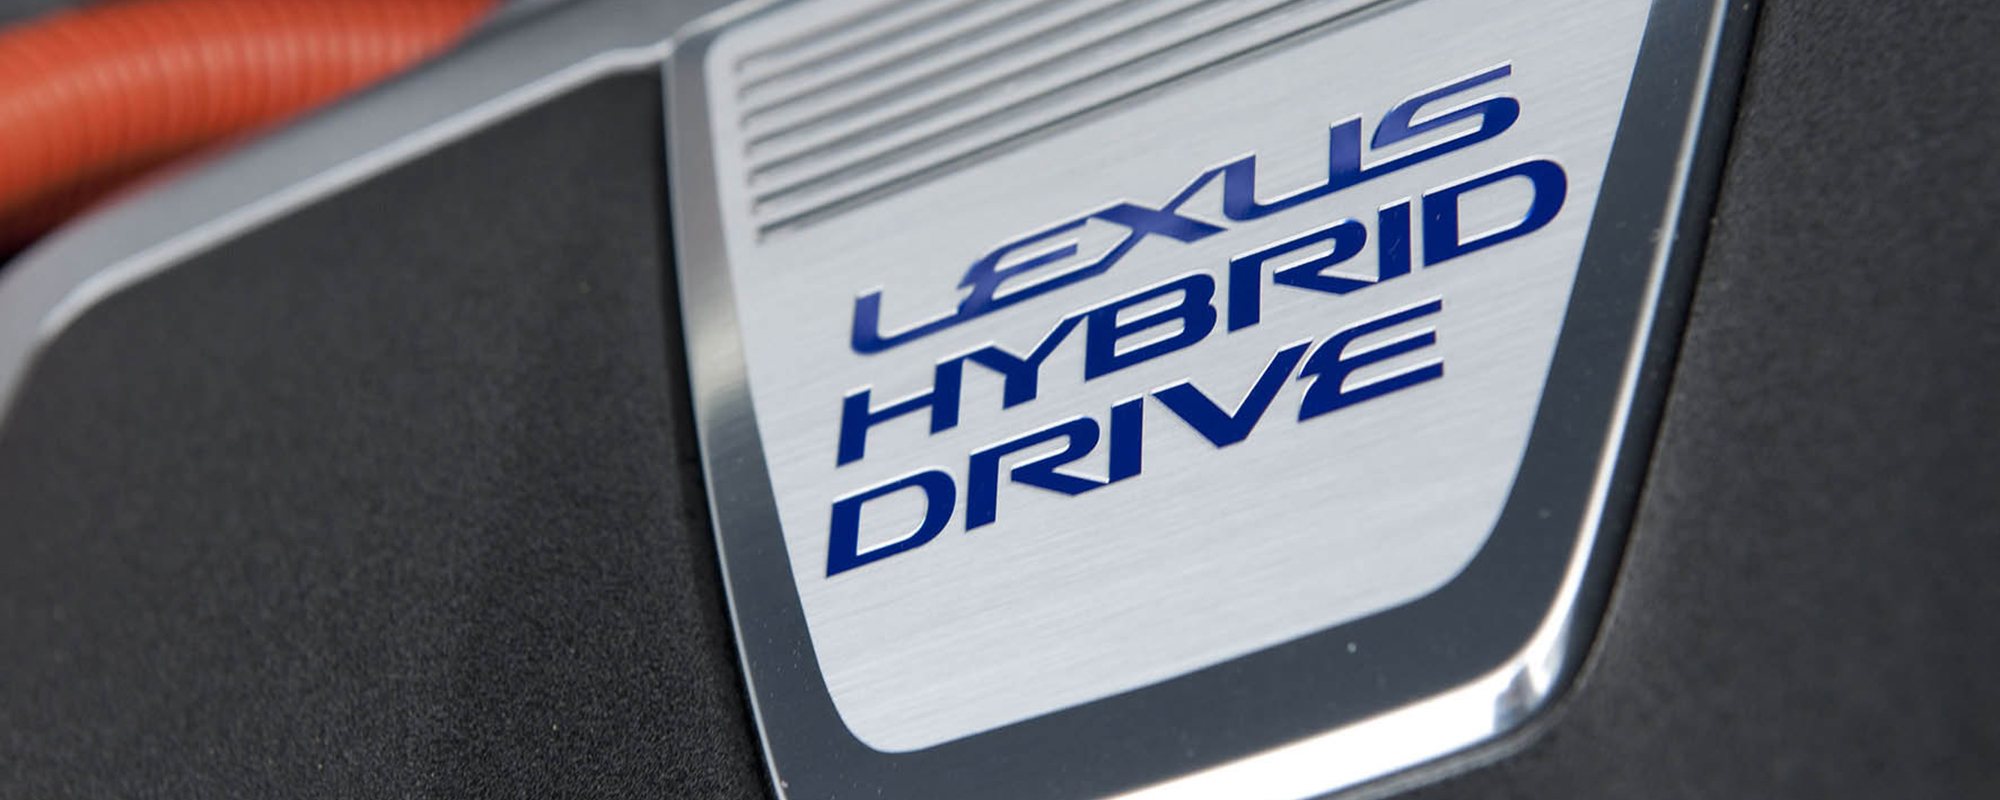 Lexus aankoopkeuring geeft zekerheid voor iedere aangeschafte Lexus Hybrid